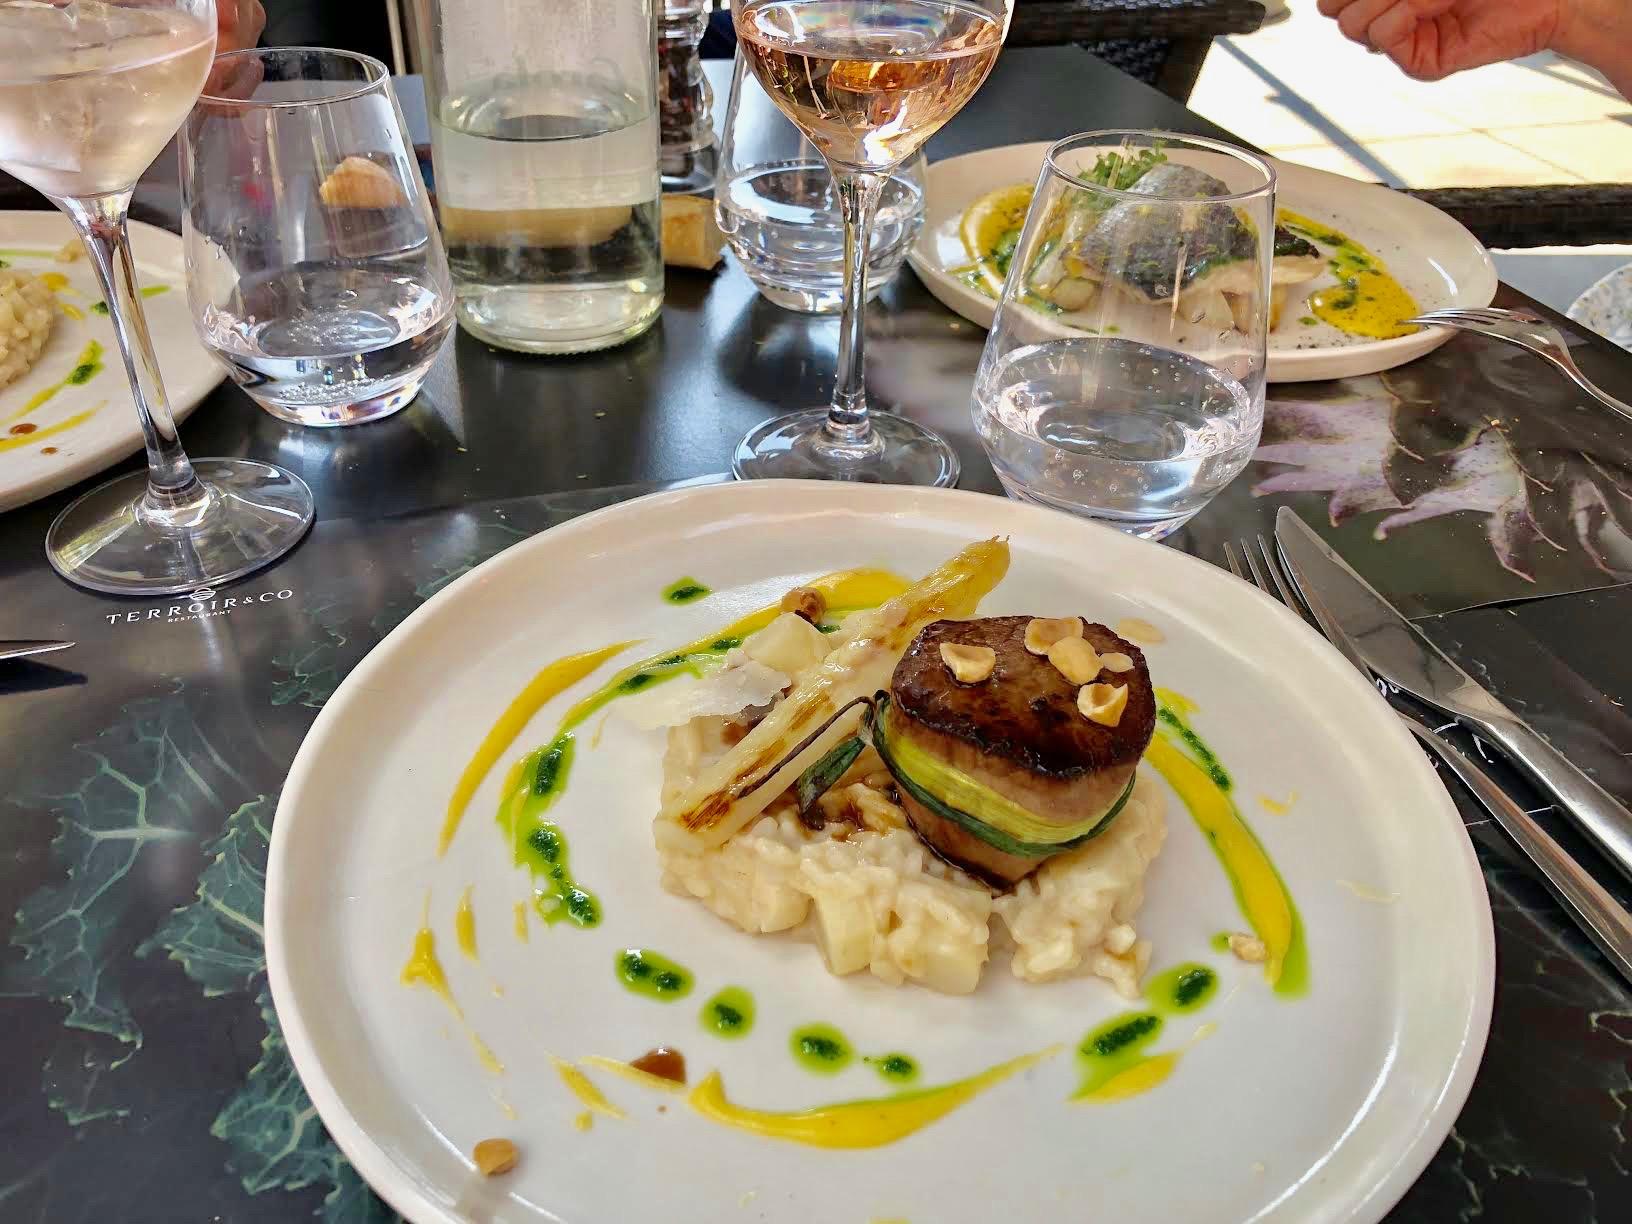 blog-mode-beaute-deco-cuisine-recette-strasbourg-voyage